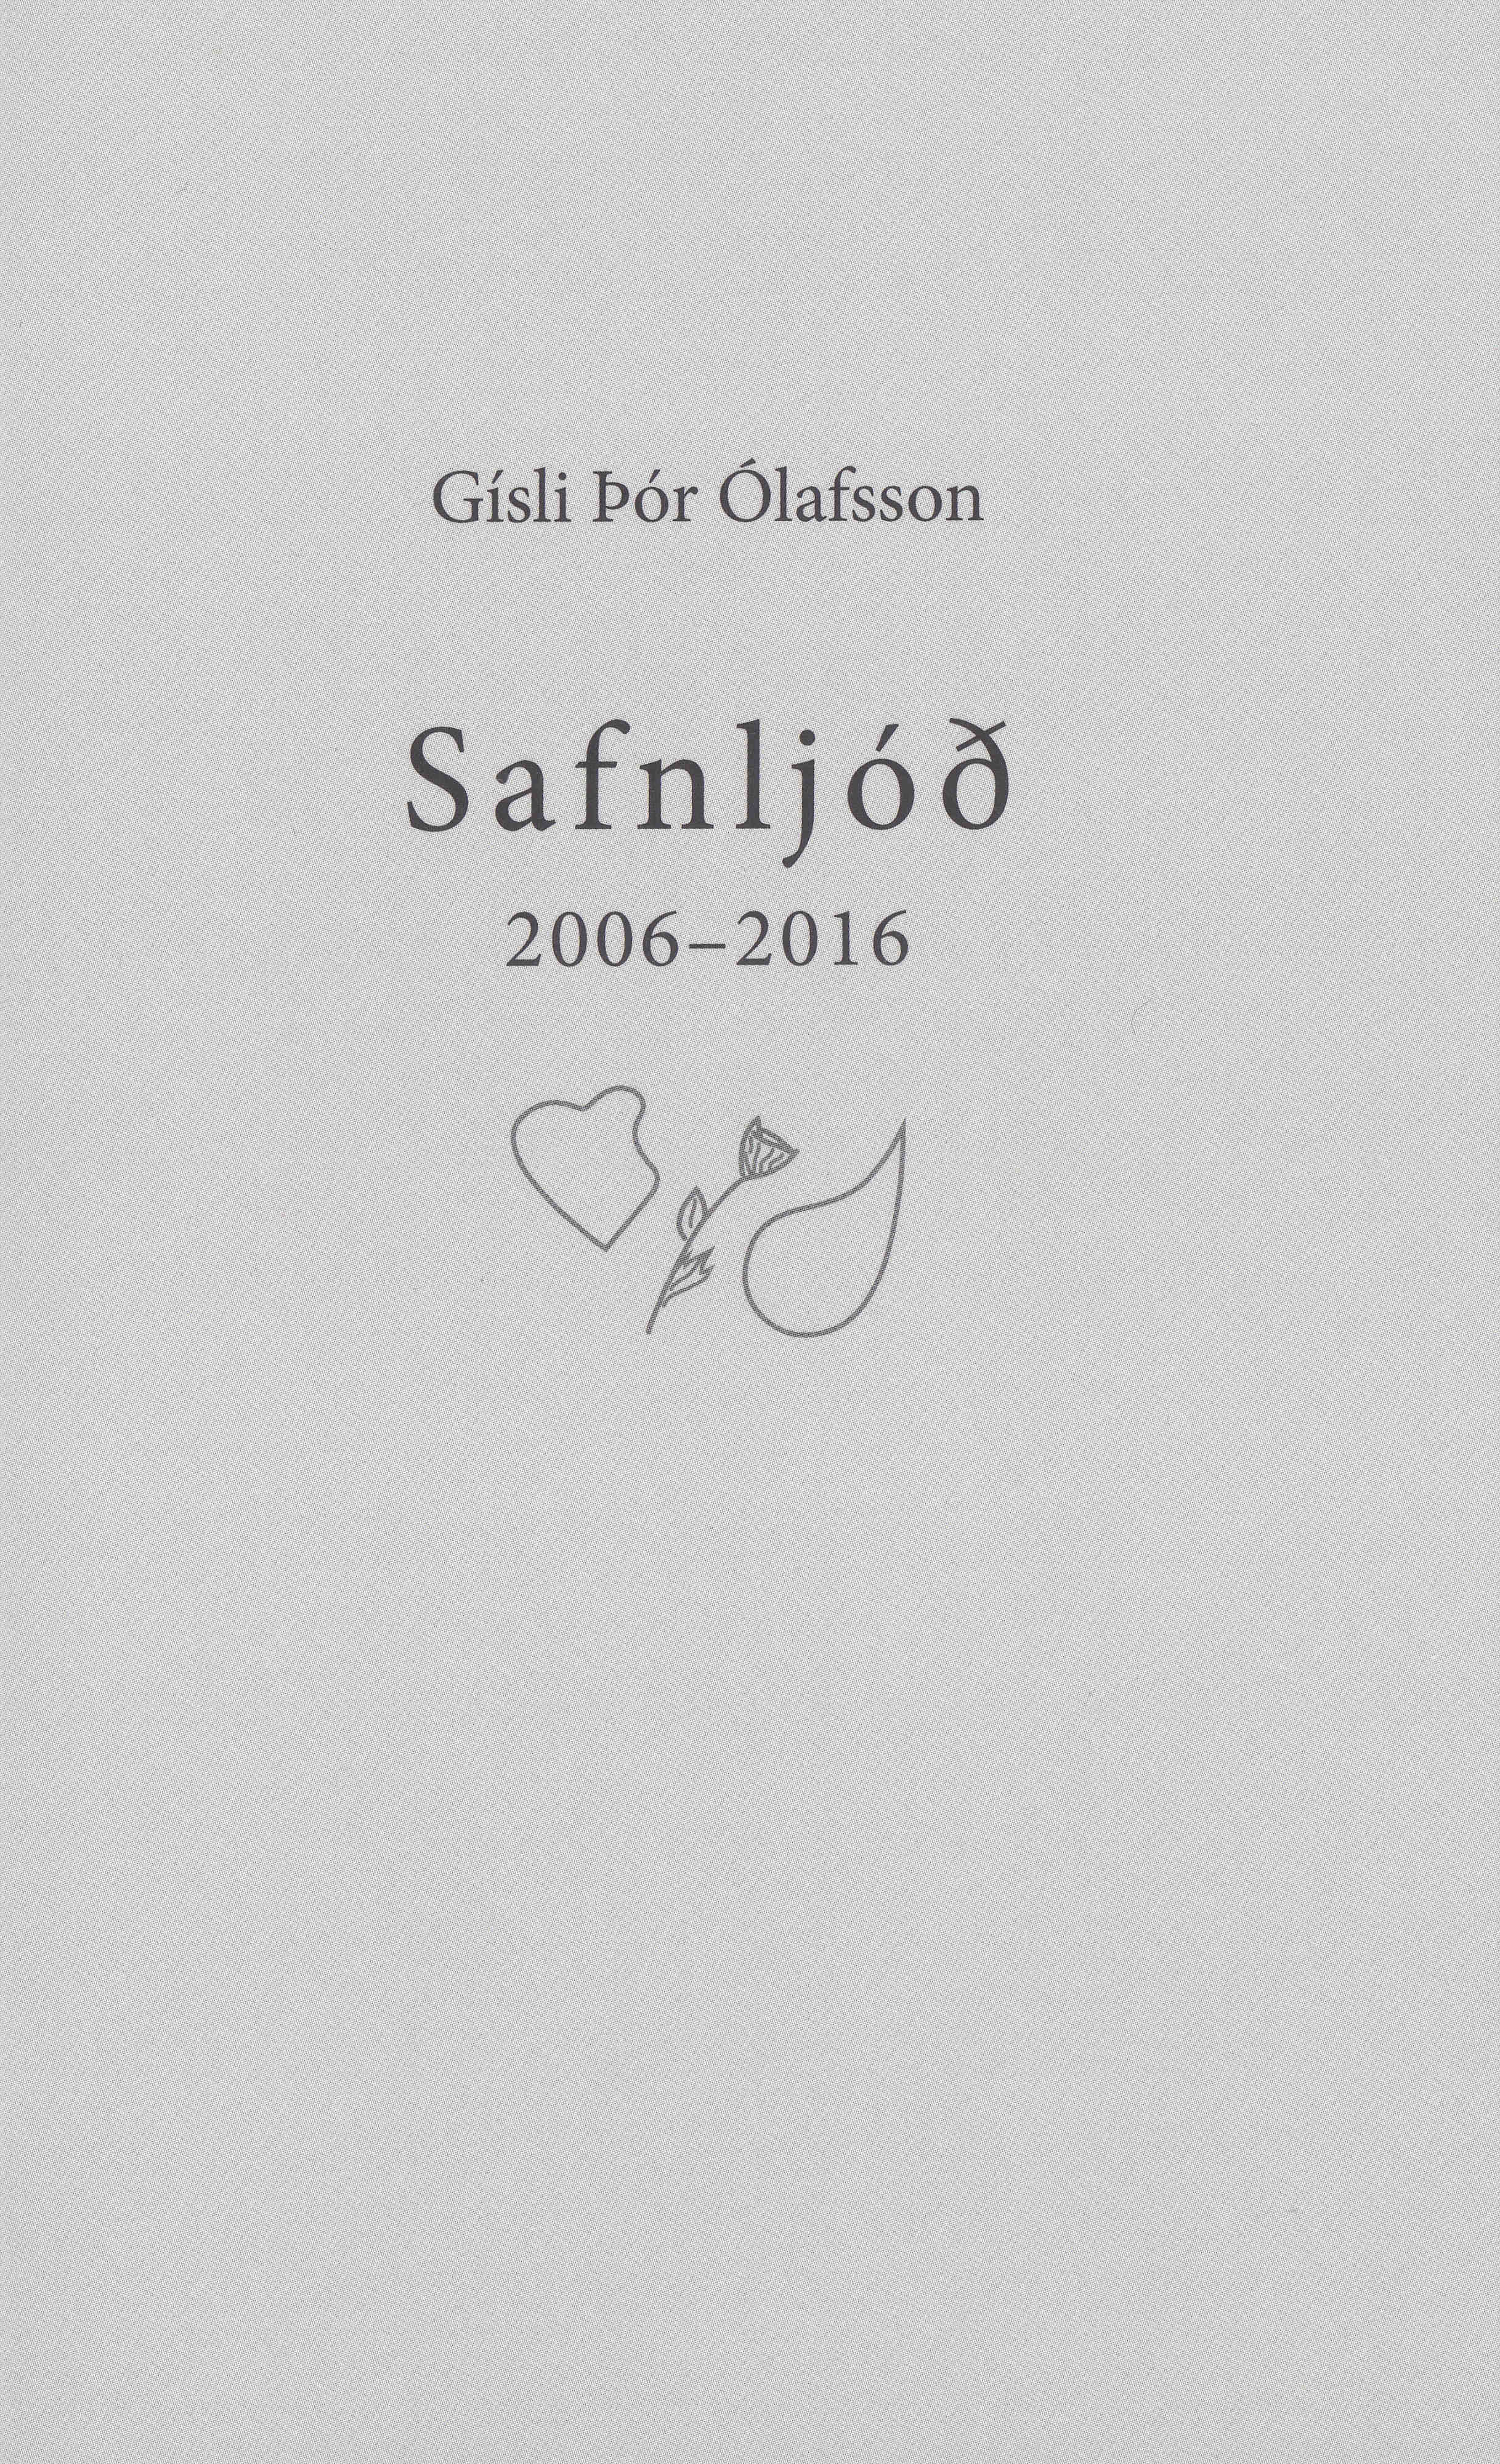 Safnljóð 2006-2016